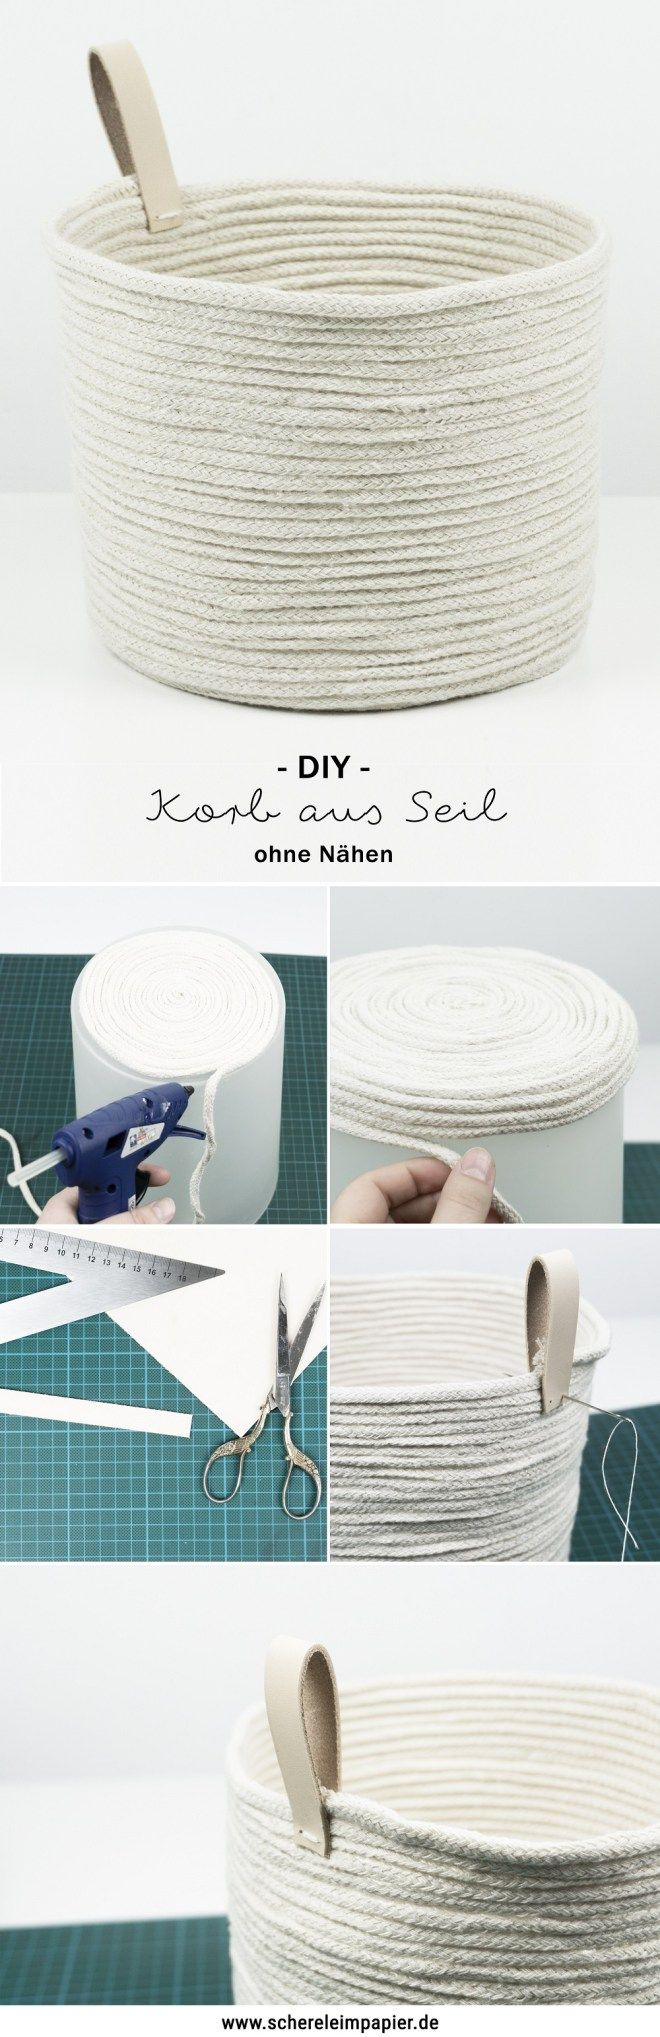 schereleimpapier DIY und Upcycling Blog aus Berlin - kreative Tutorials für Geschenke, Möbel und Deko zum Basteln – DIY Korb aus Seil mit Leder